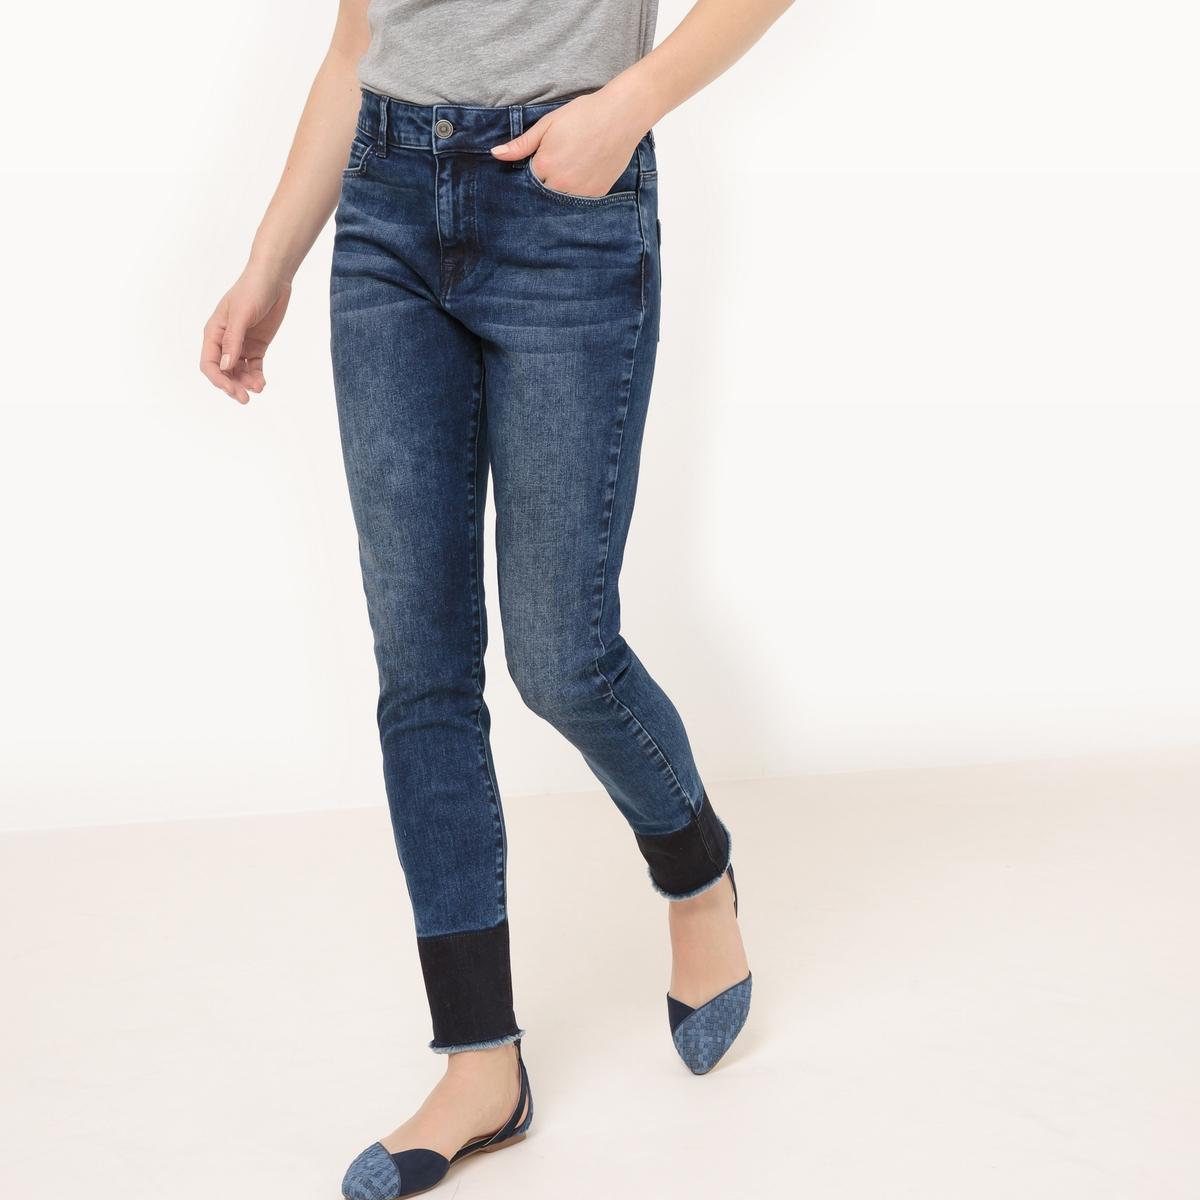 Джинсы, низ с линялым эффектомМатериал : 98% хлопка, 2% эластана  Высота пояса : стандартная Покрой джинсов : узкий Длина джинсов : длина 32 Особенность материала : с линялым эффектом  Стирка : машинная стирка при 30 °С в деликатном режиме Уход : сухая чистка и отбеливание запрещены Машинная сушка : запрещена Глажка : при умеренной температуре<br><br>Цвет: синий потертый<br>Размер: 48 (FR) - 54 (RUS).40 (FR) - 46 (RUS).38 (FR) - 44 (RUS).36 (FR) - 42 (RUS)